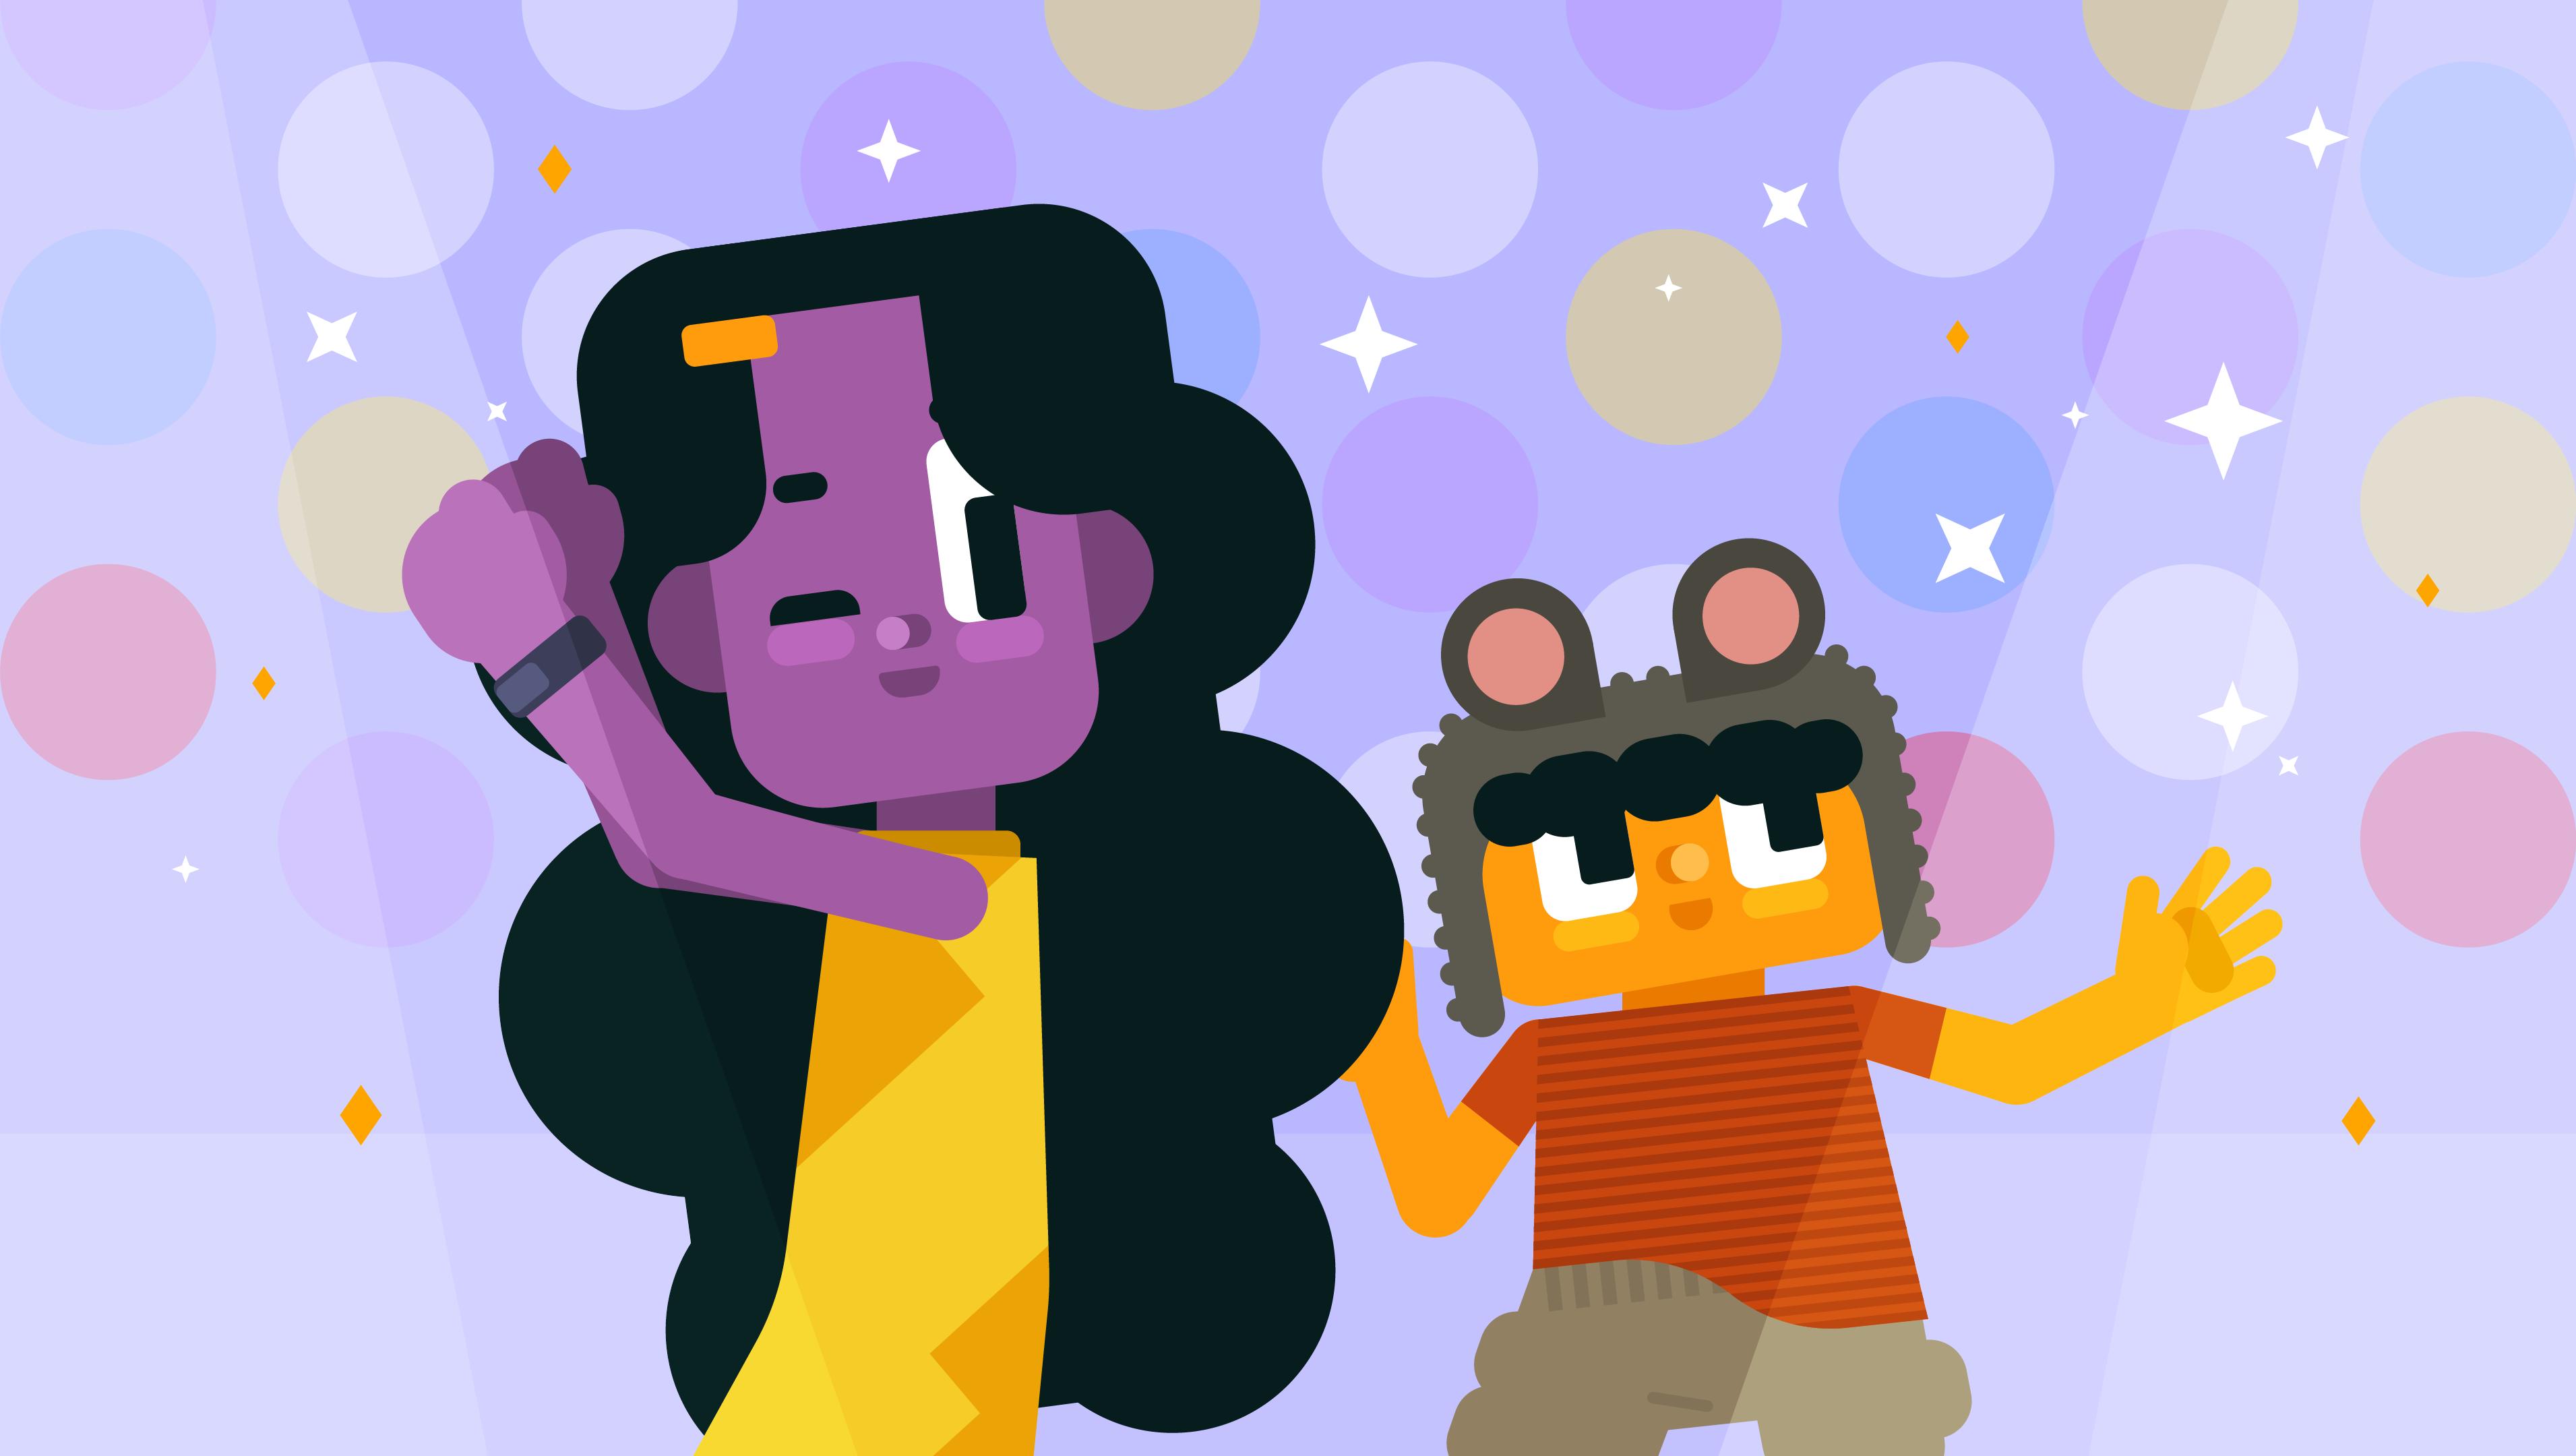 Conexia Educação participa de desafio global de programação para crianças, com a ubbu